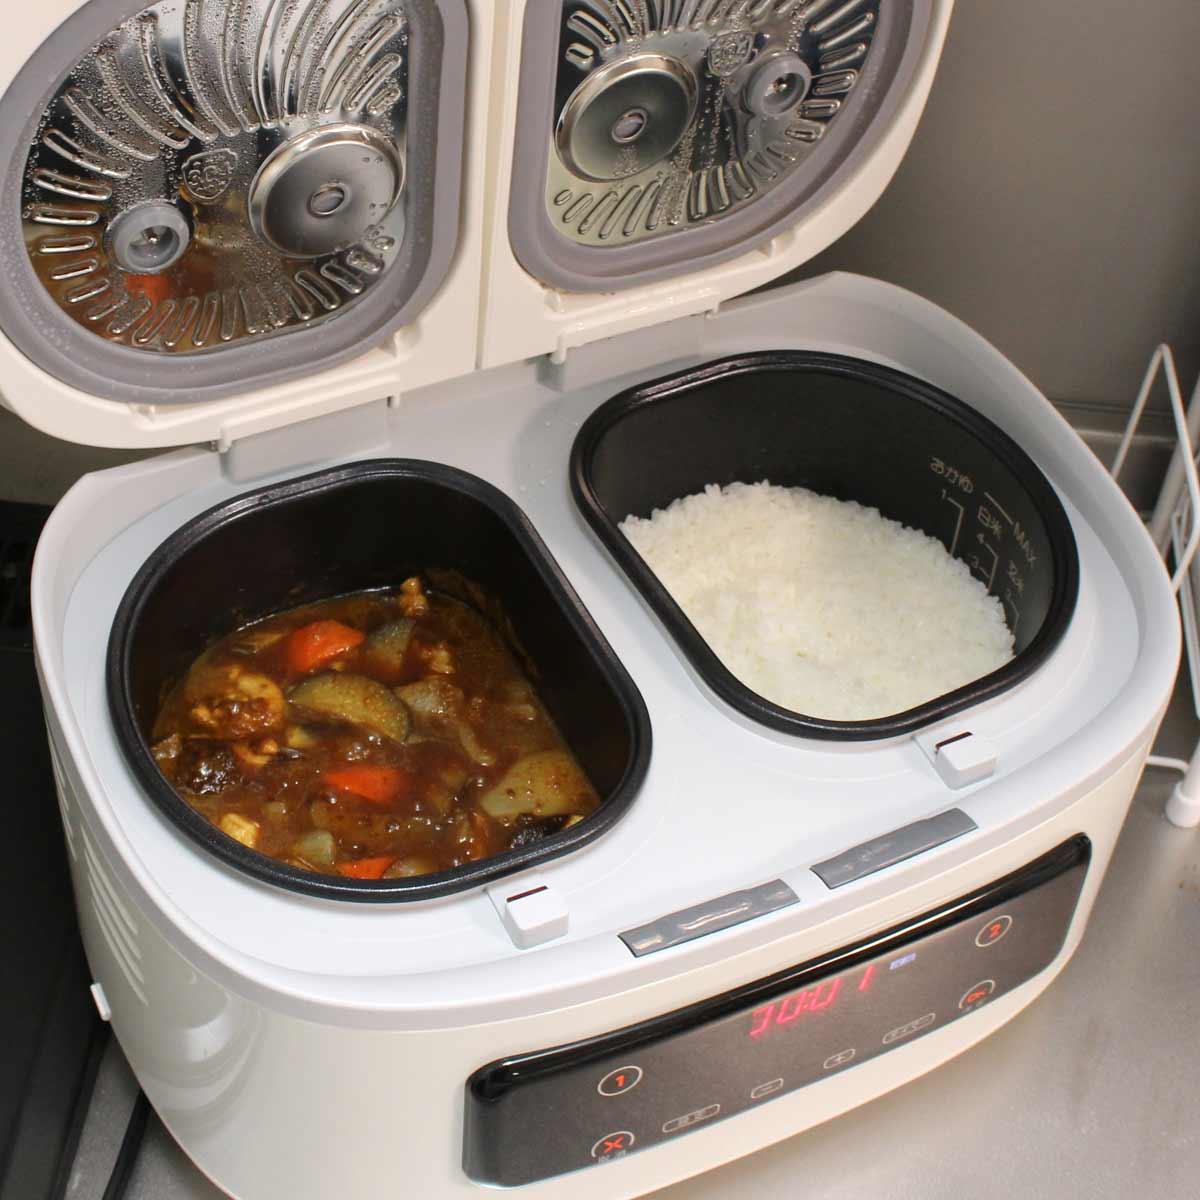 1台でご飯とおかずを一気に作れる!「ツインシェフ」がテレワークめしで大活躍